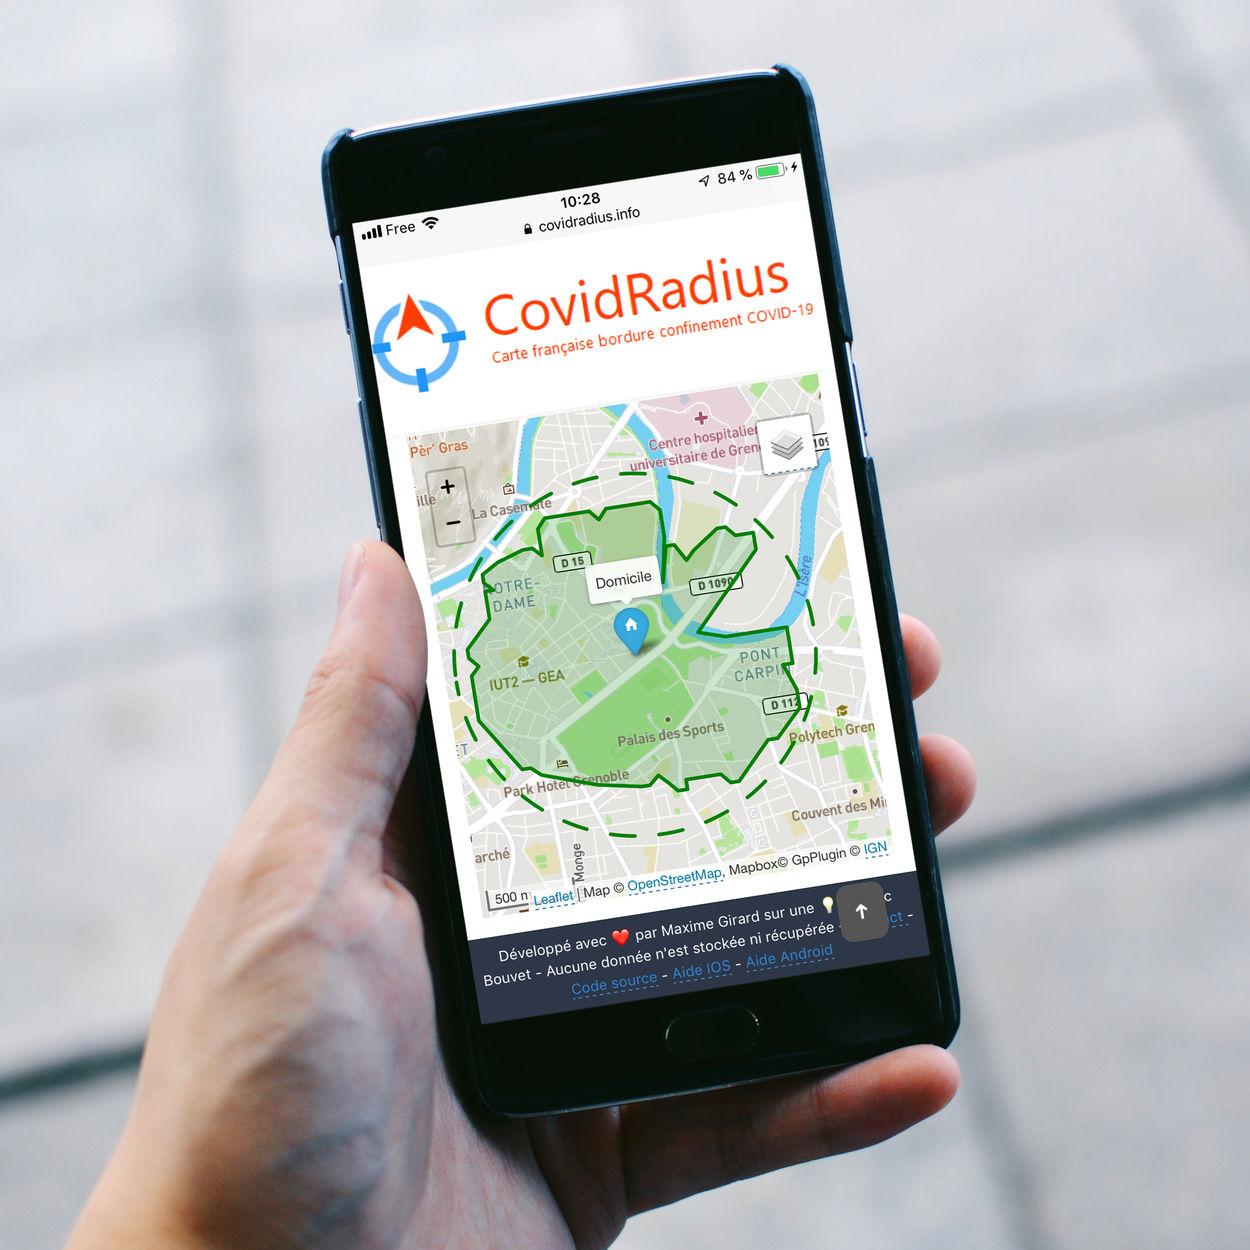 L'application vue sur un smartphone